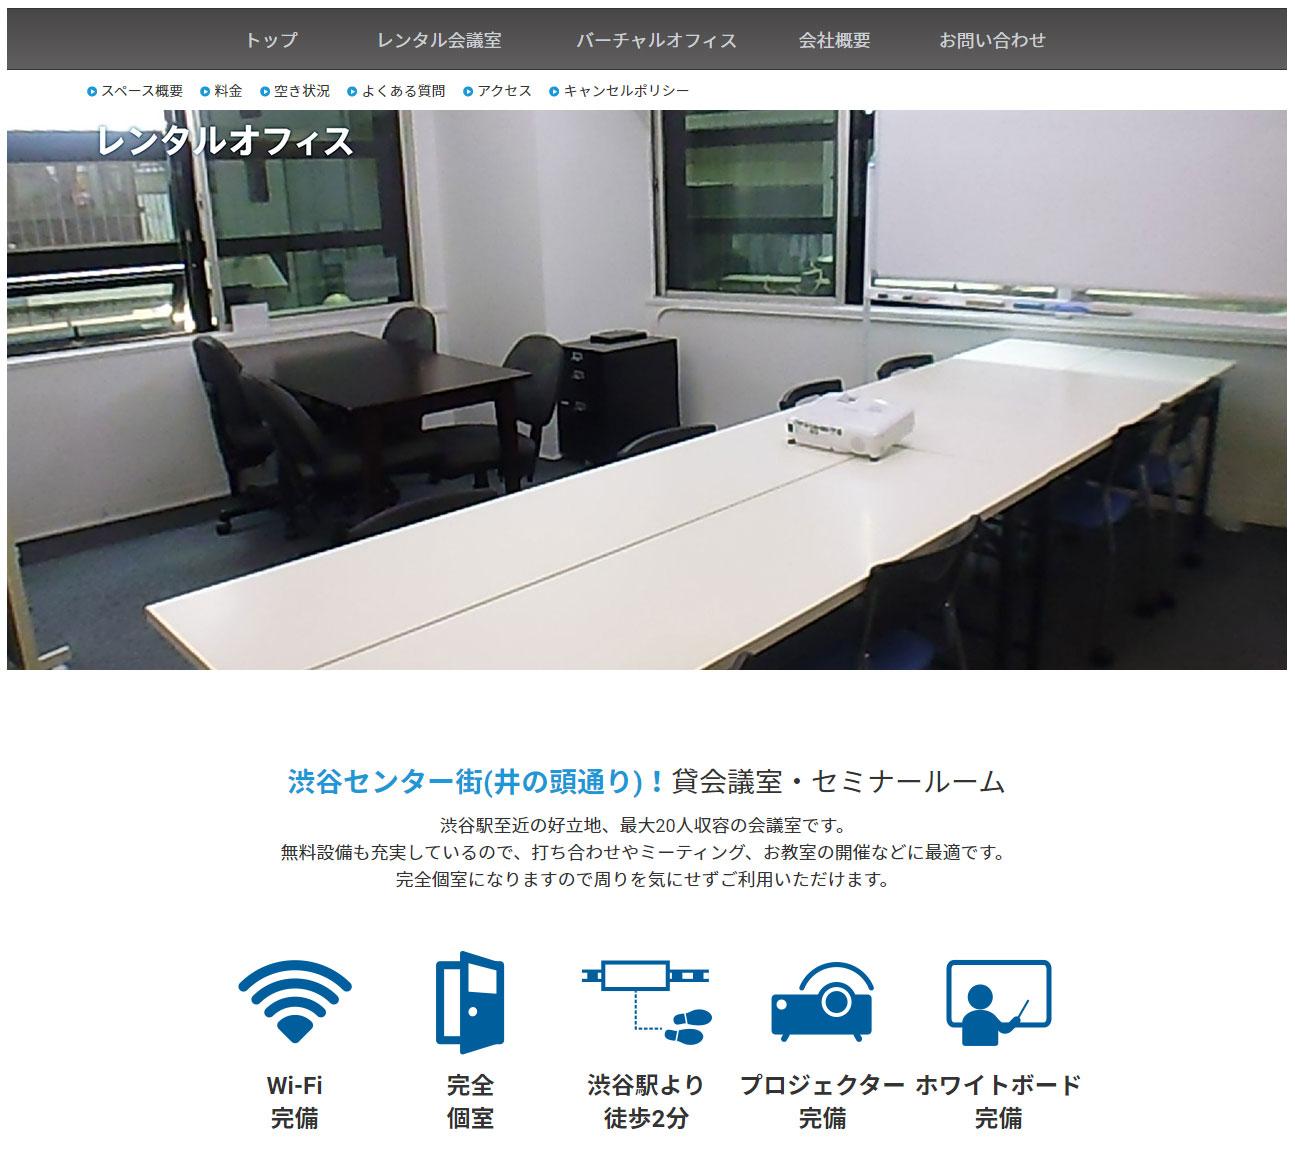 優良 V-MAX(ブイマックス)がリニューアル 競艇予想サイトの口コミ検証や無料情報の予想結果も公開中 渋谷センタービル3Fのレンタルオフィス